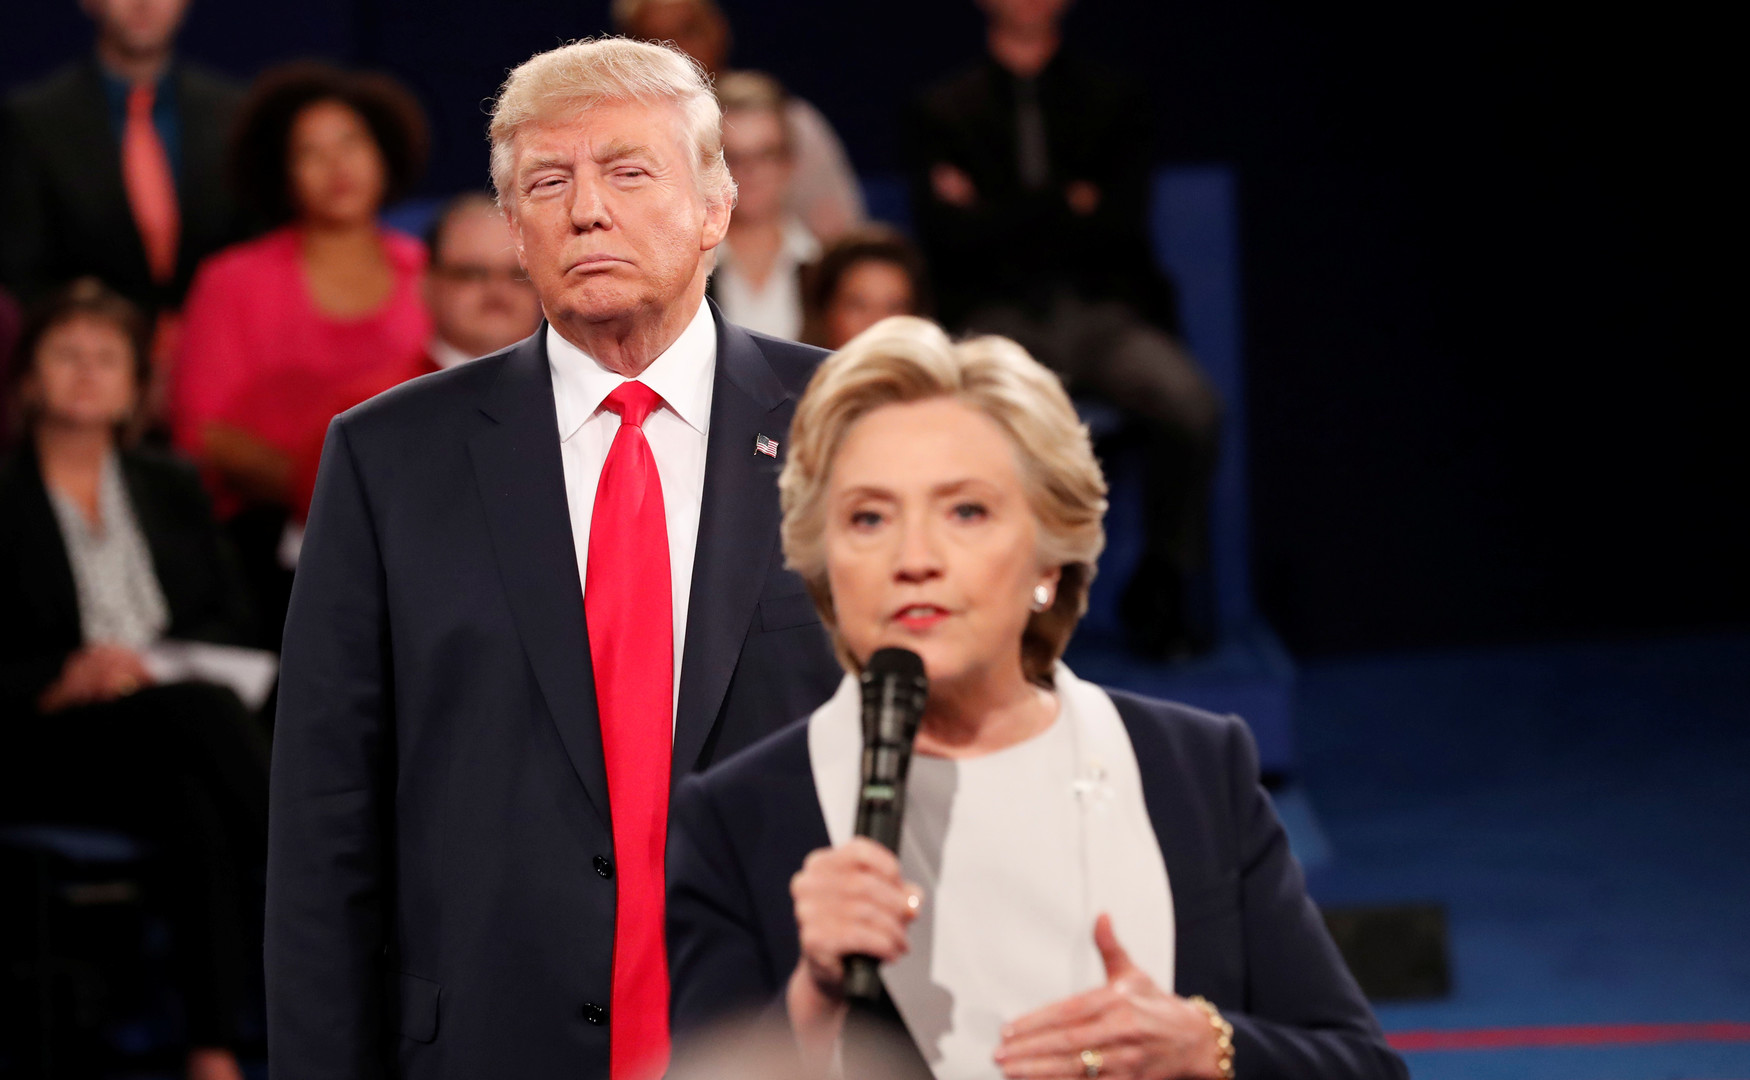 Etats-Unis : le dossier Steele financé par les démocrates pour contester l'élection de Trump